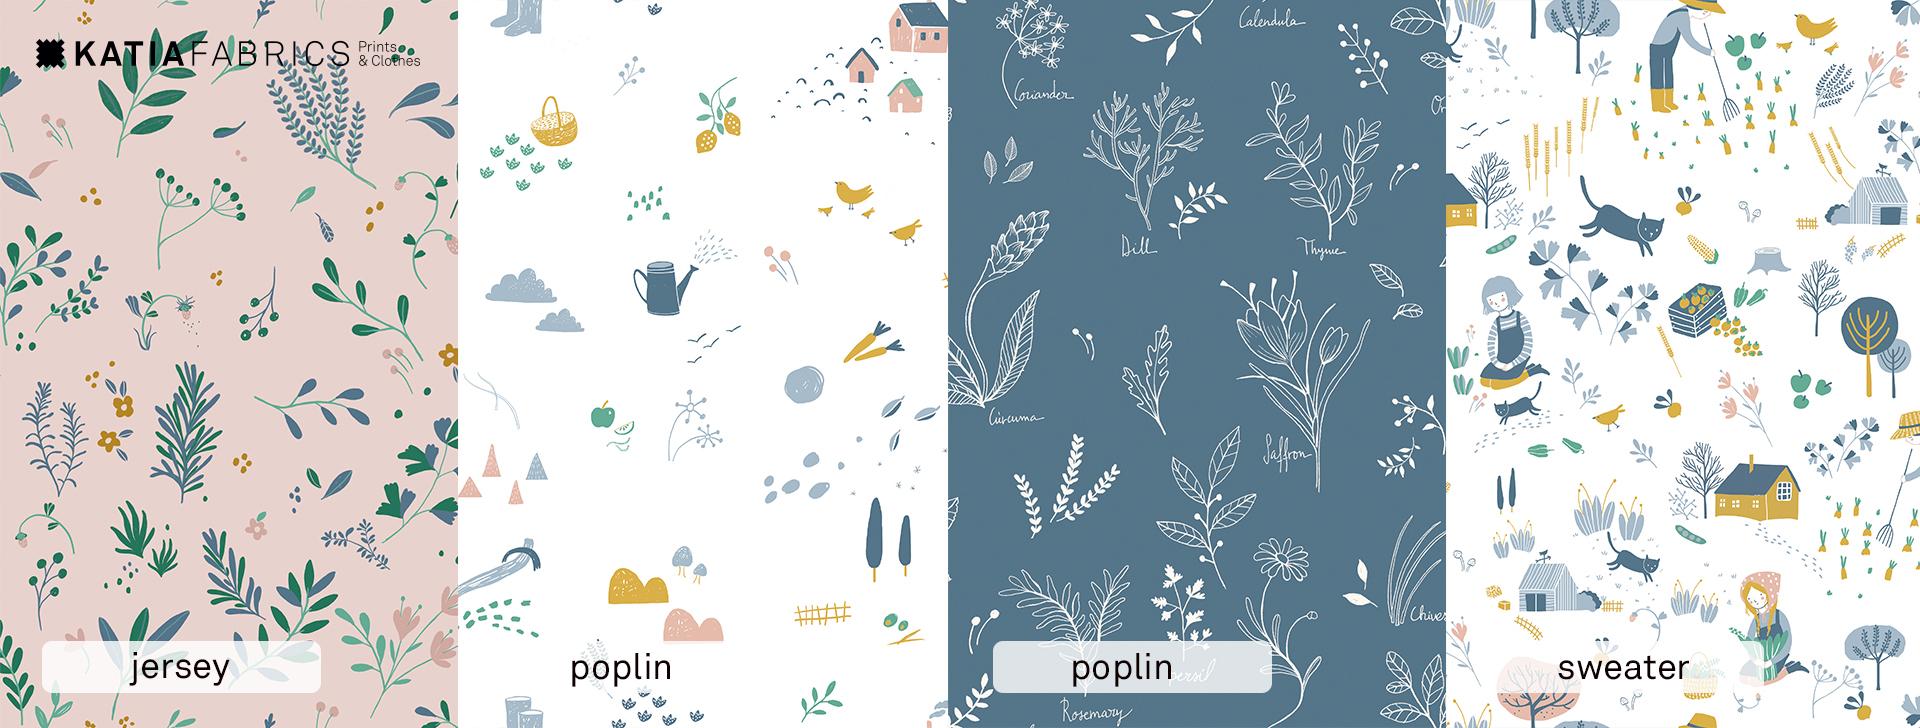 Katia Fabrics herfst/winter 2018/2019 stoffen en naaipatronen collectie